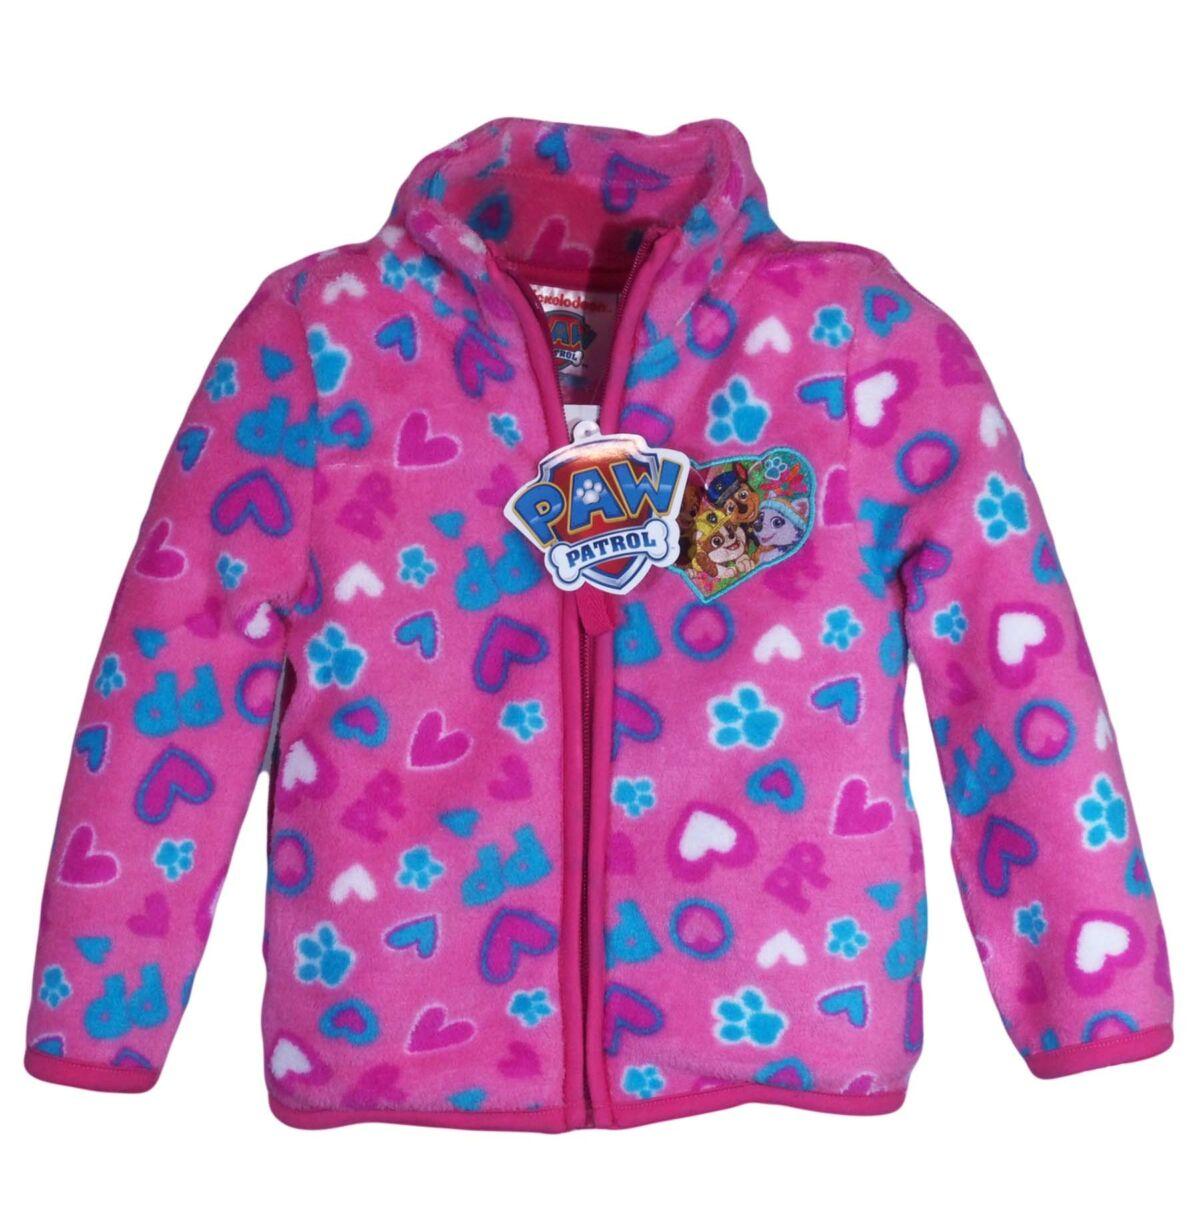 Gyerekruhák a legkedveltebb divatmárkáktól! Legyen menő a te ... 2fa9be3d97